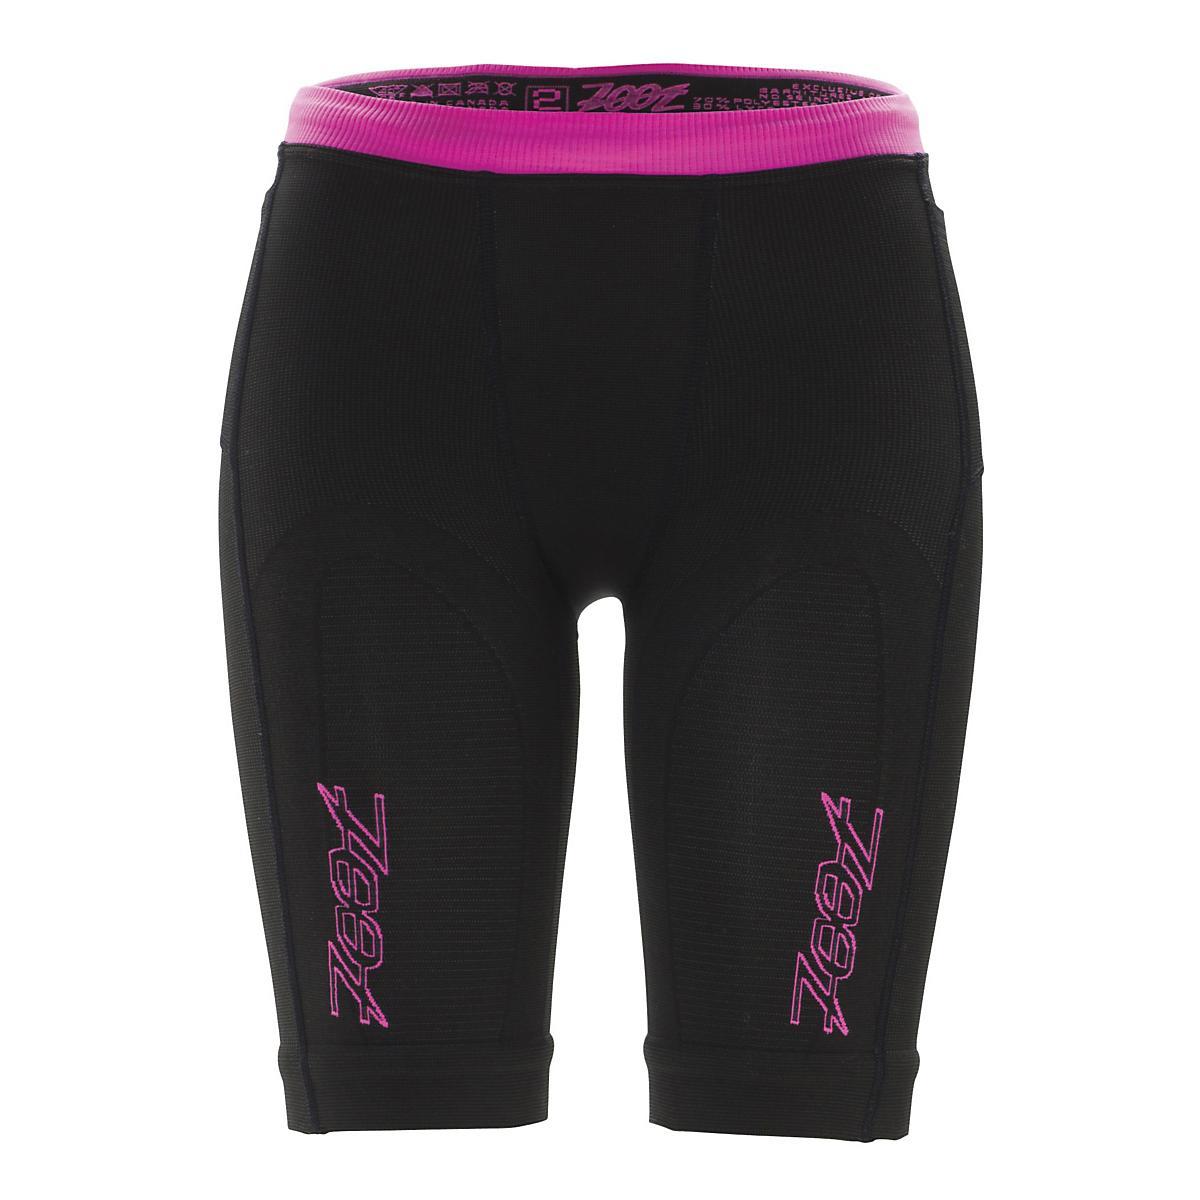 Women's Zoot�Ultra 2.0 CRx Short